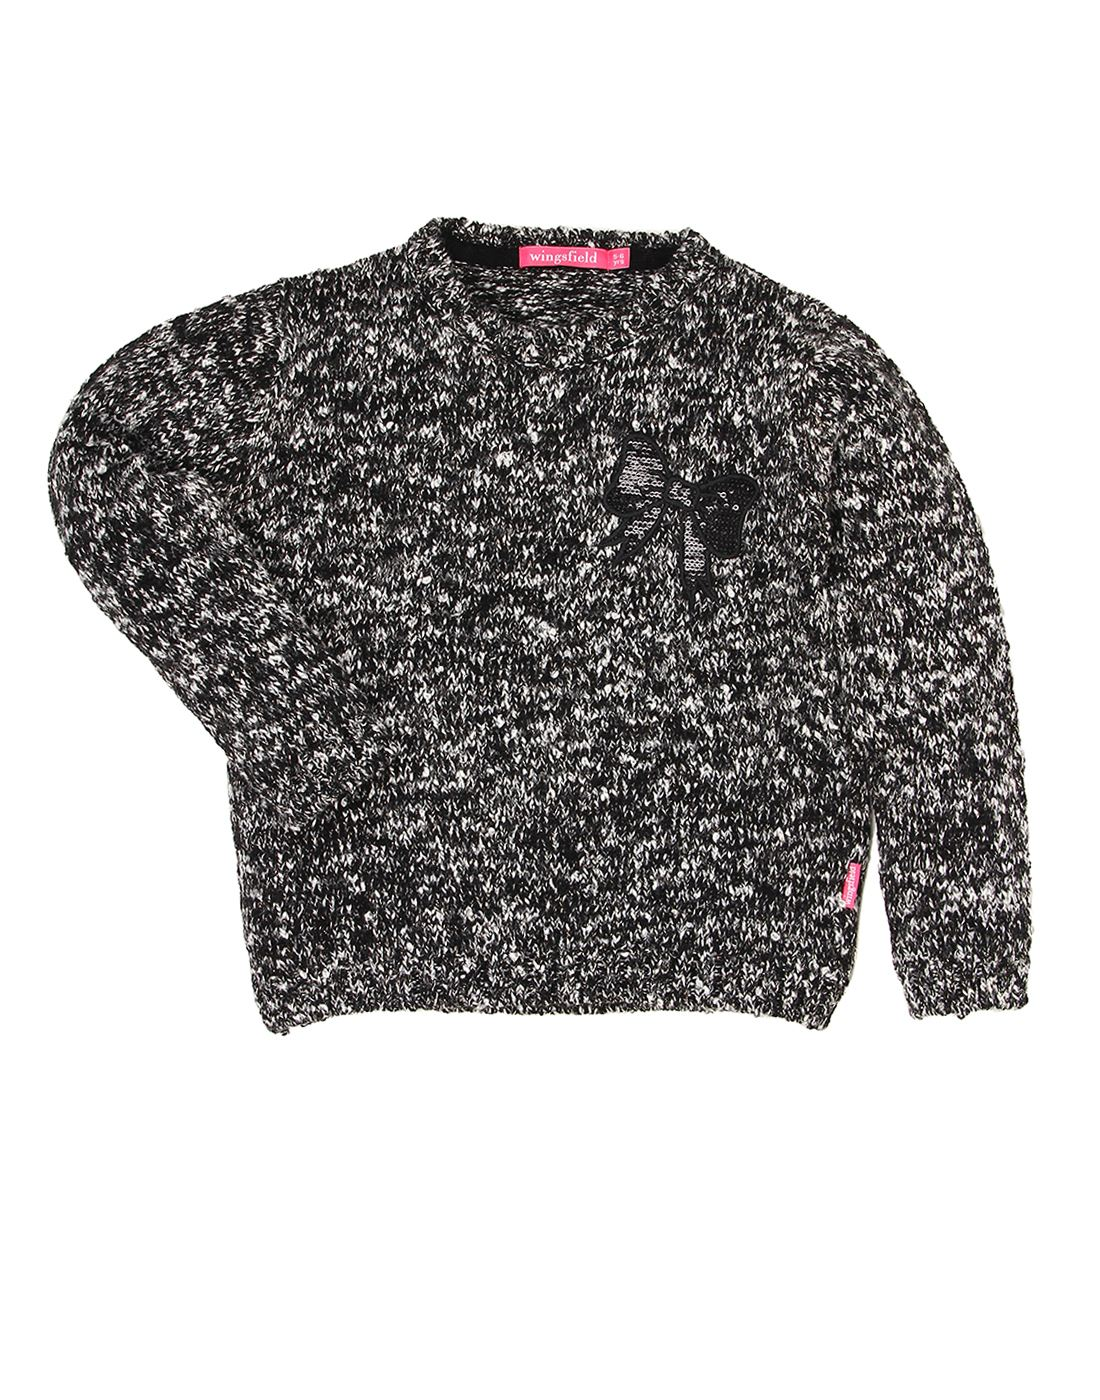 Wingsfield Black Girl Winter Wear Sweater